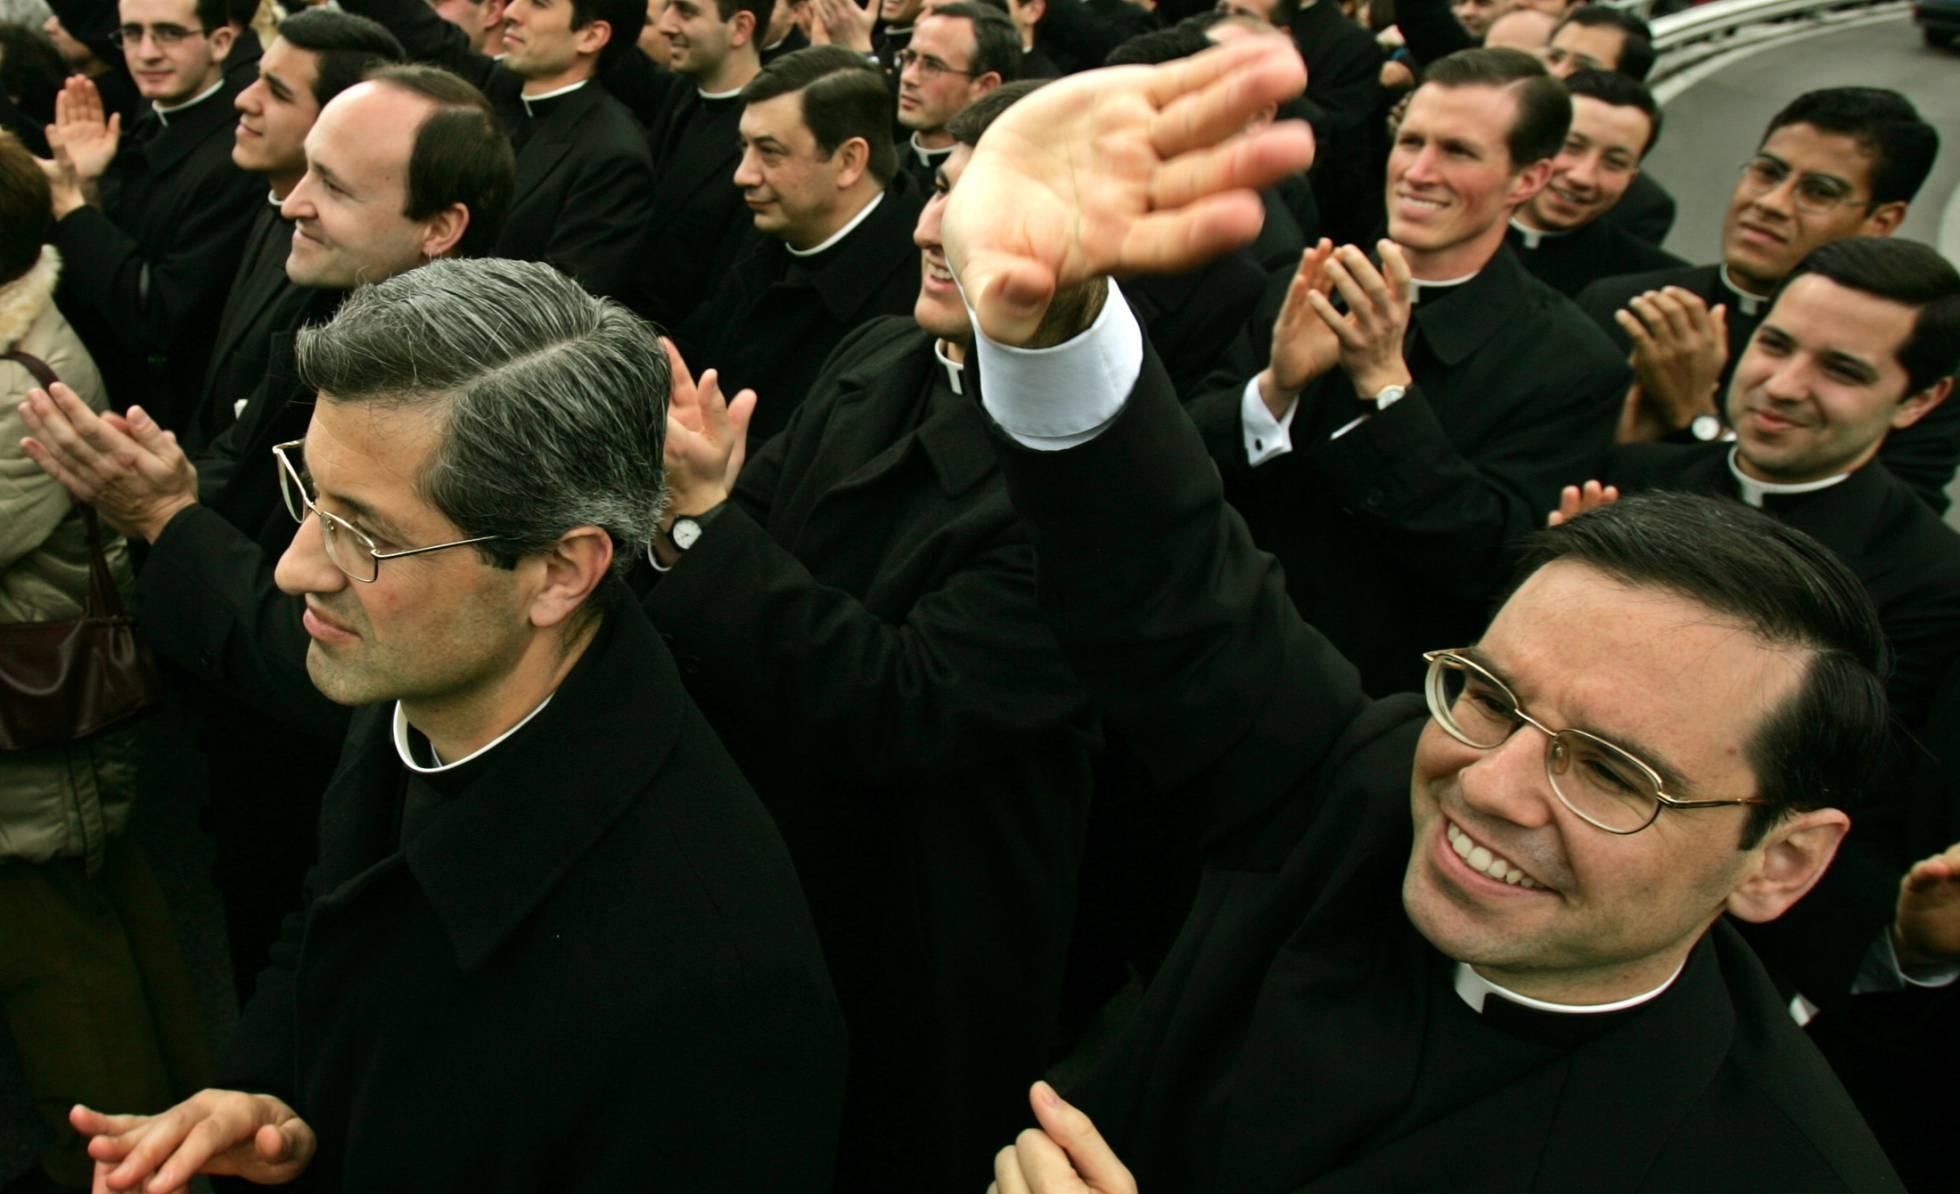 Los Legionarios de Cristo apartan del sacerdocio a uno de los curas acusados de pederastia en México